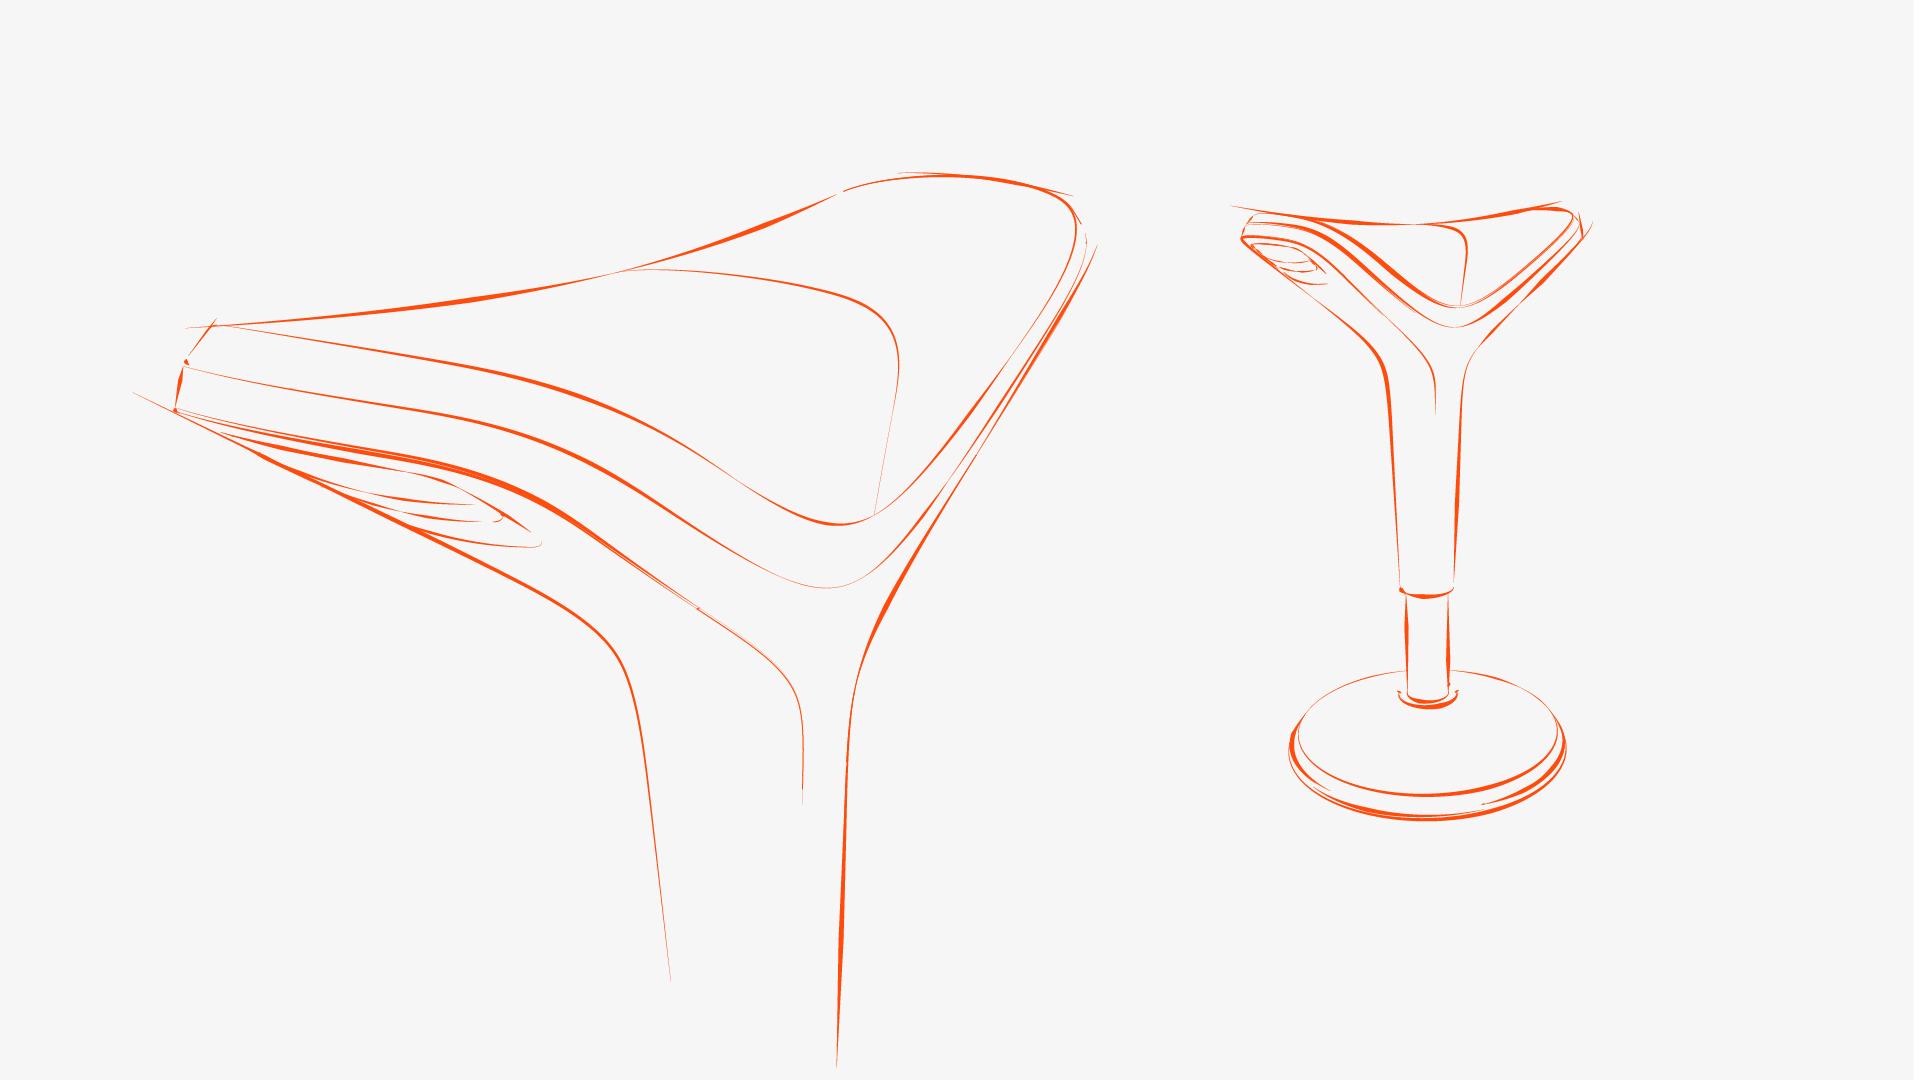 id-aid-wilkhahn-rider-sketch-1920x1080px-idaid-01